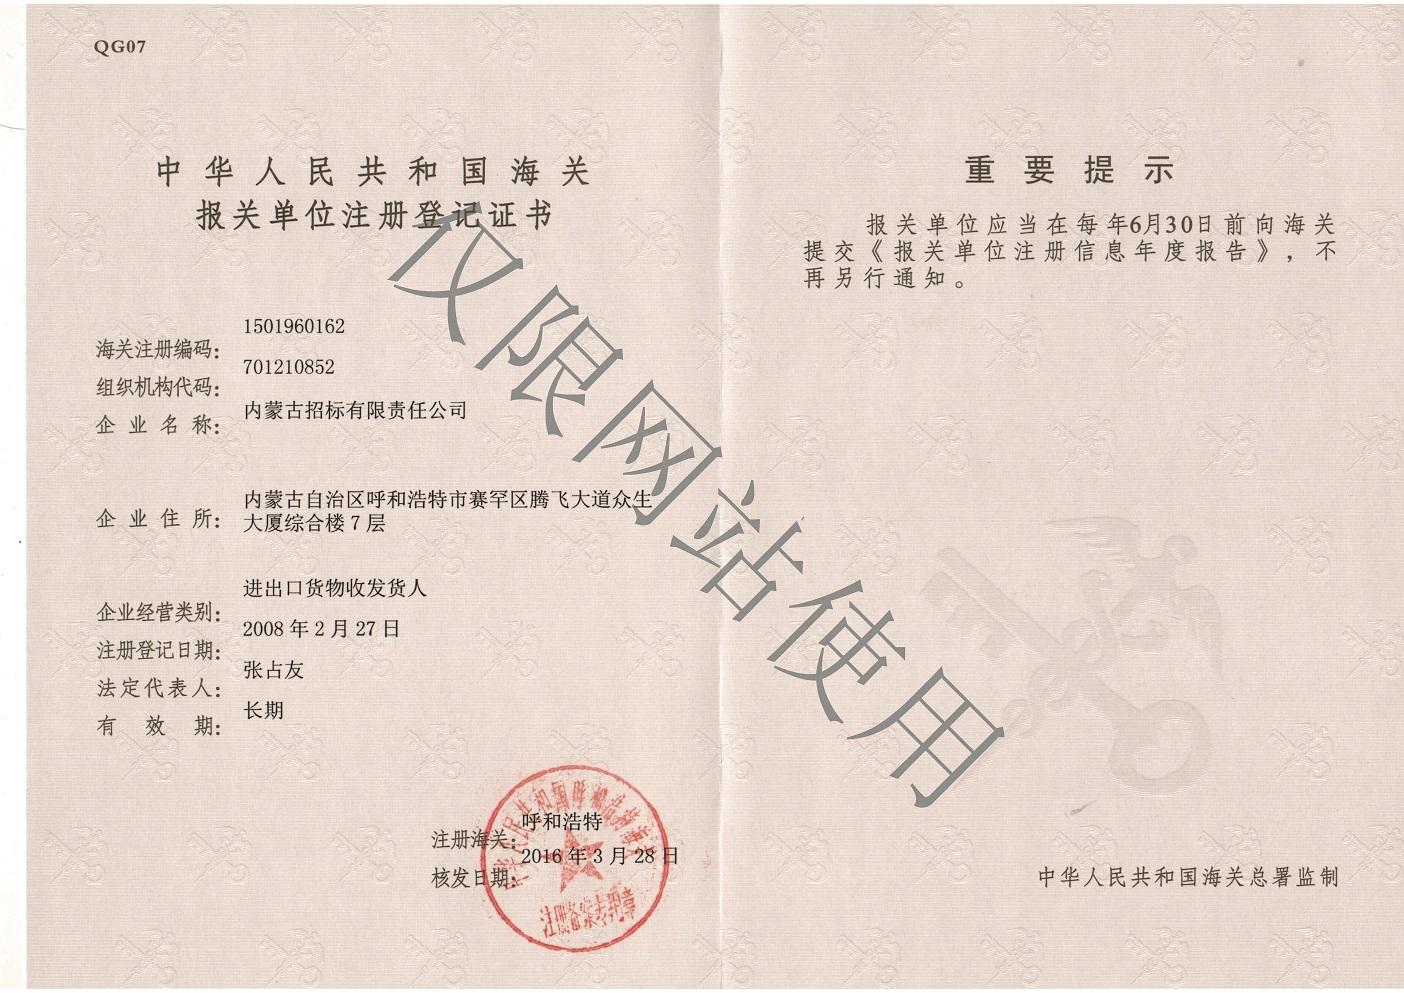 中华人民gong和guo海关报关单wei注册登记证书